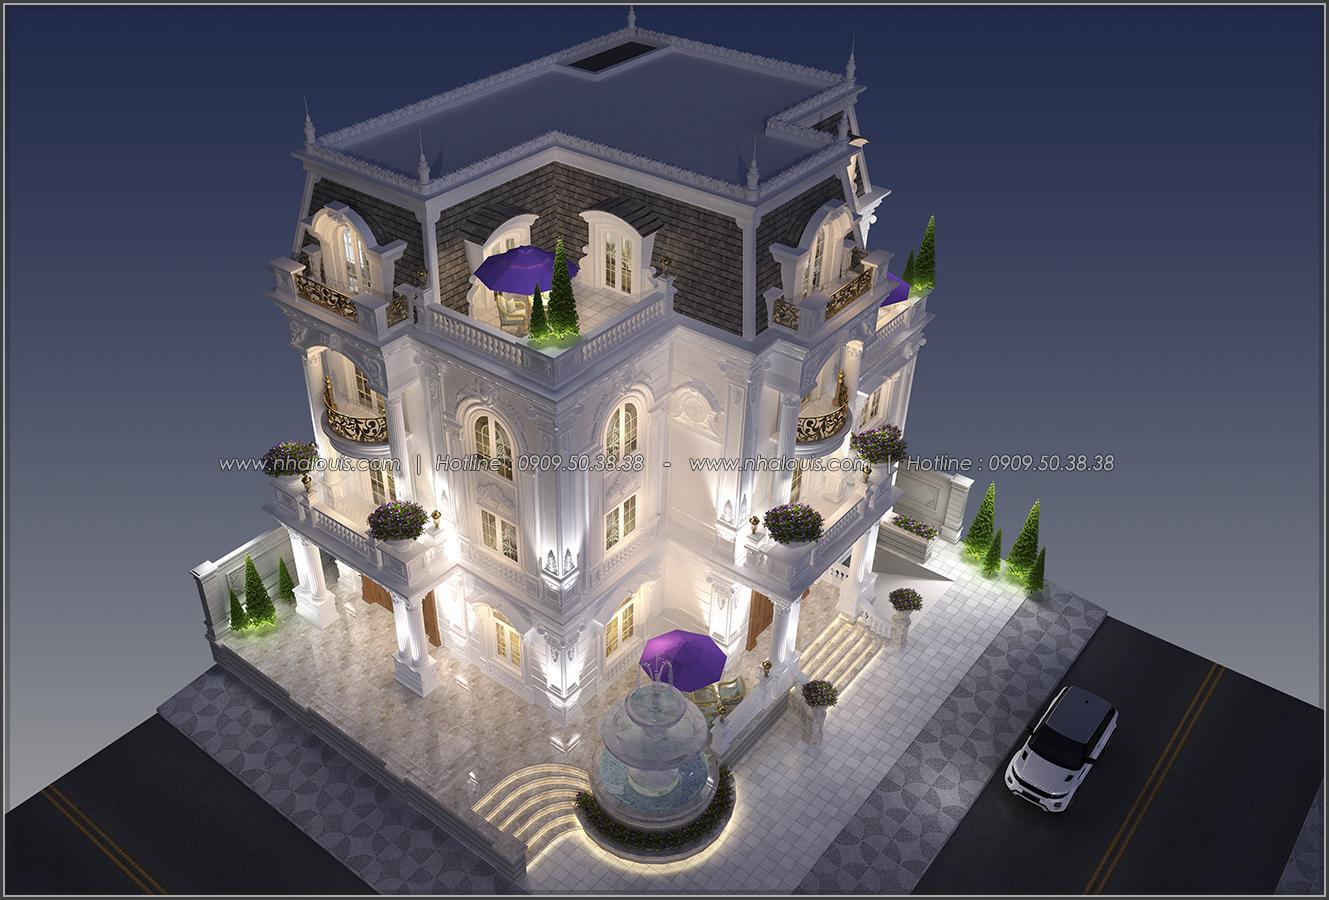 Tinh hoa của đẳng cấp từ thiết kế biệt thự 3 tầng cổ điển tại Bình Tân - 03